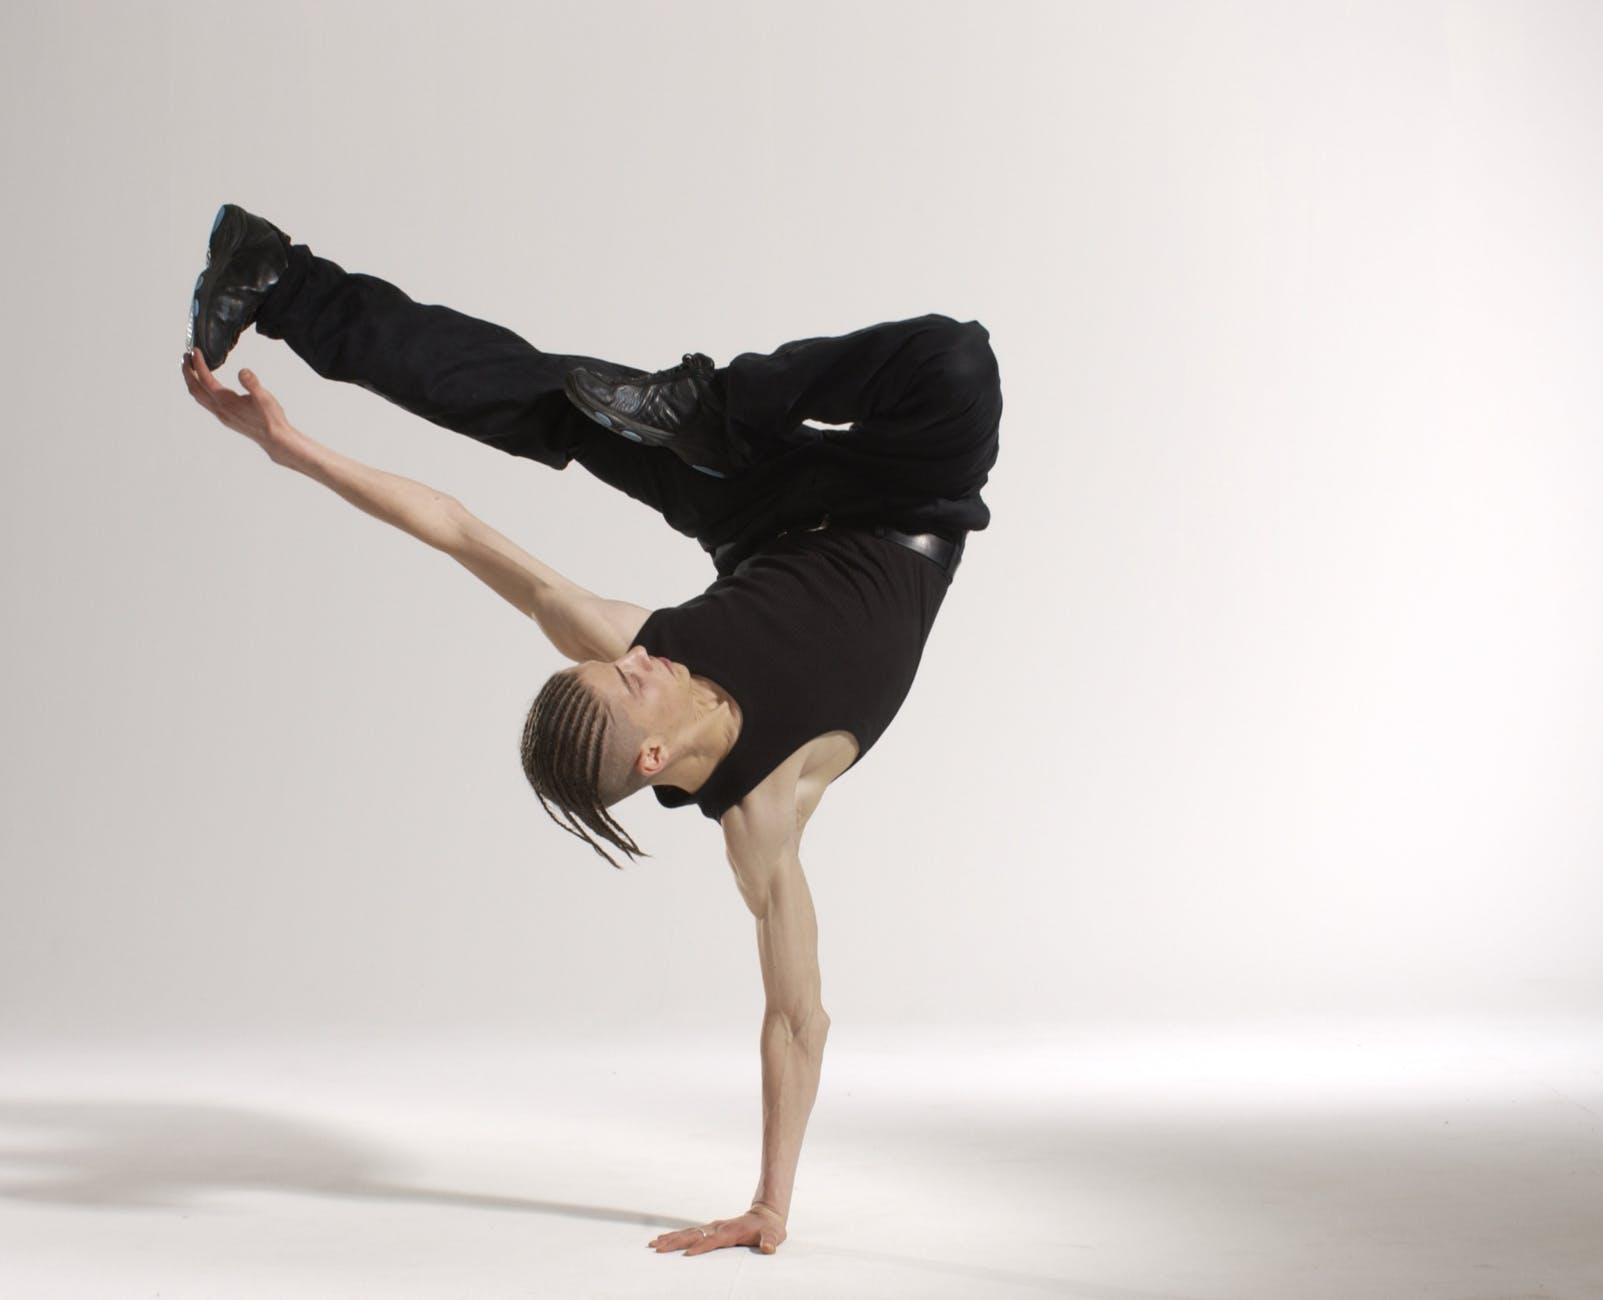 acrobat action active adult